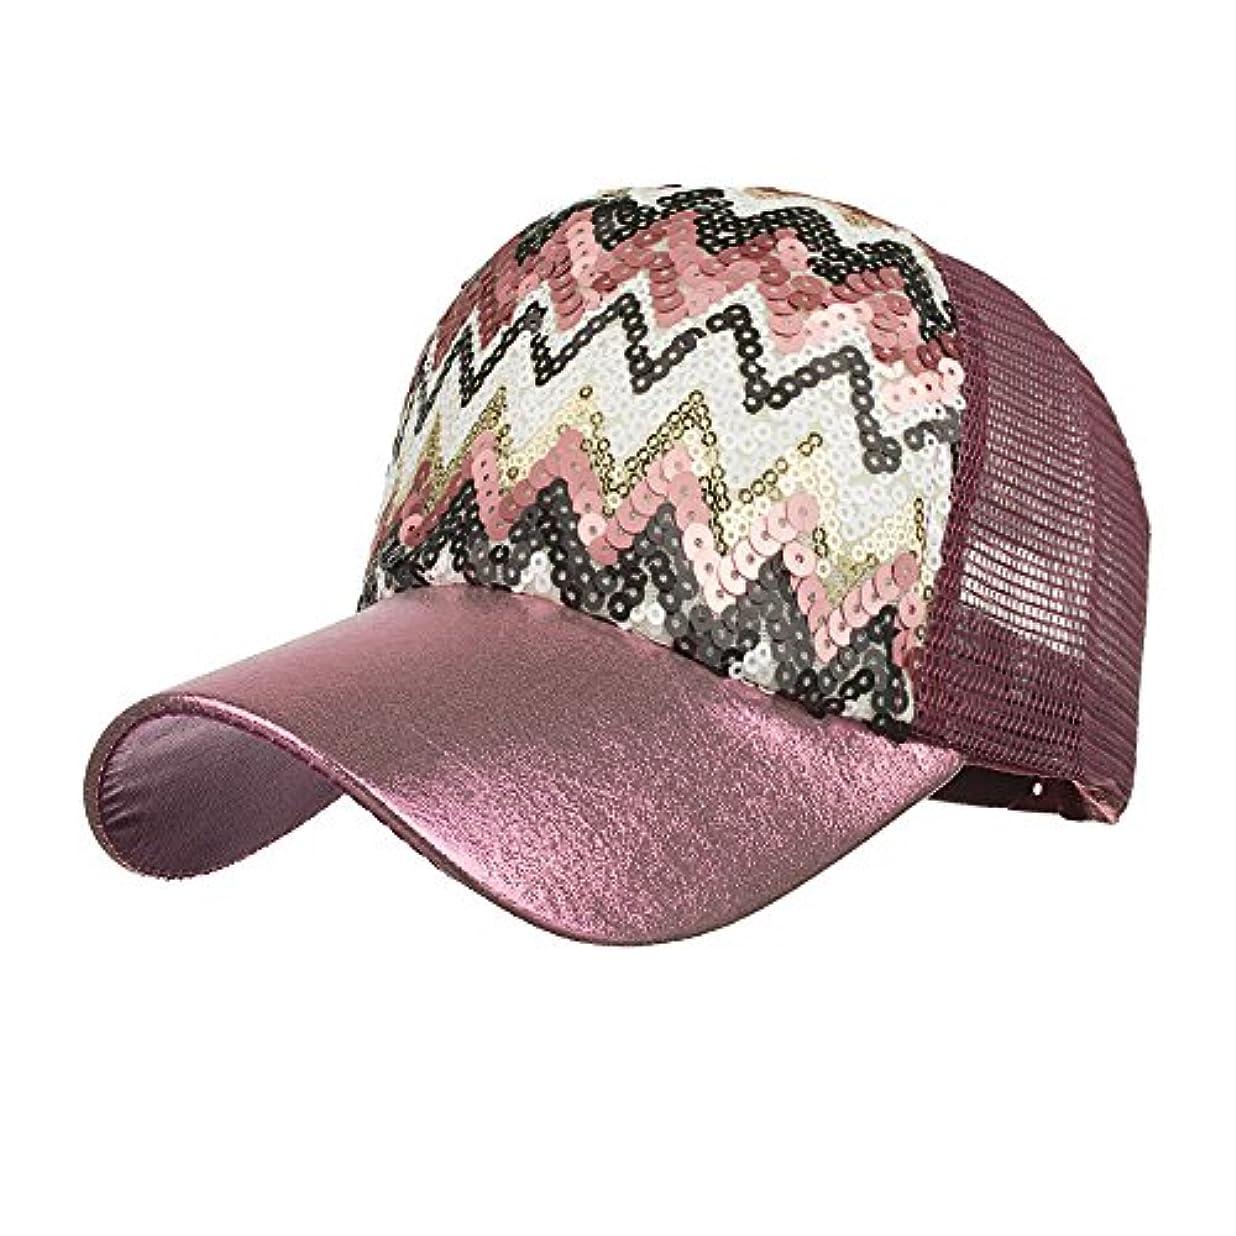 薬を飲む債務便利Racazing Cap 輝く棒球帽 カラーマッチング 野球帽 ヒップホップ 通気性のある ラインストーン 帽子 夏 登山 アメリカの旗 可調整可能 男女兼用 UV 帽子 軽量 屋外 メッシュ Unisex Cap (紫の)